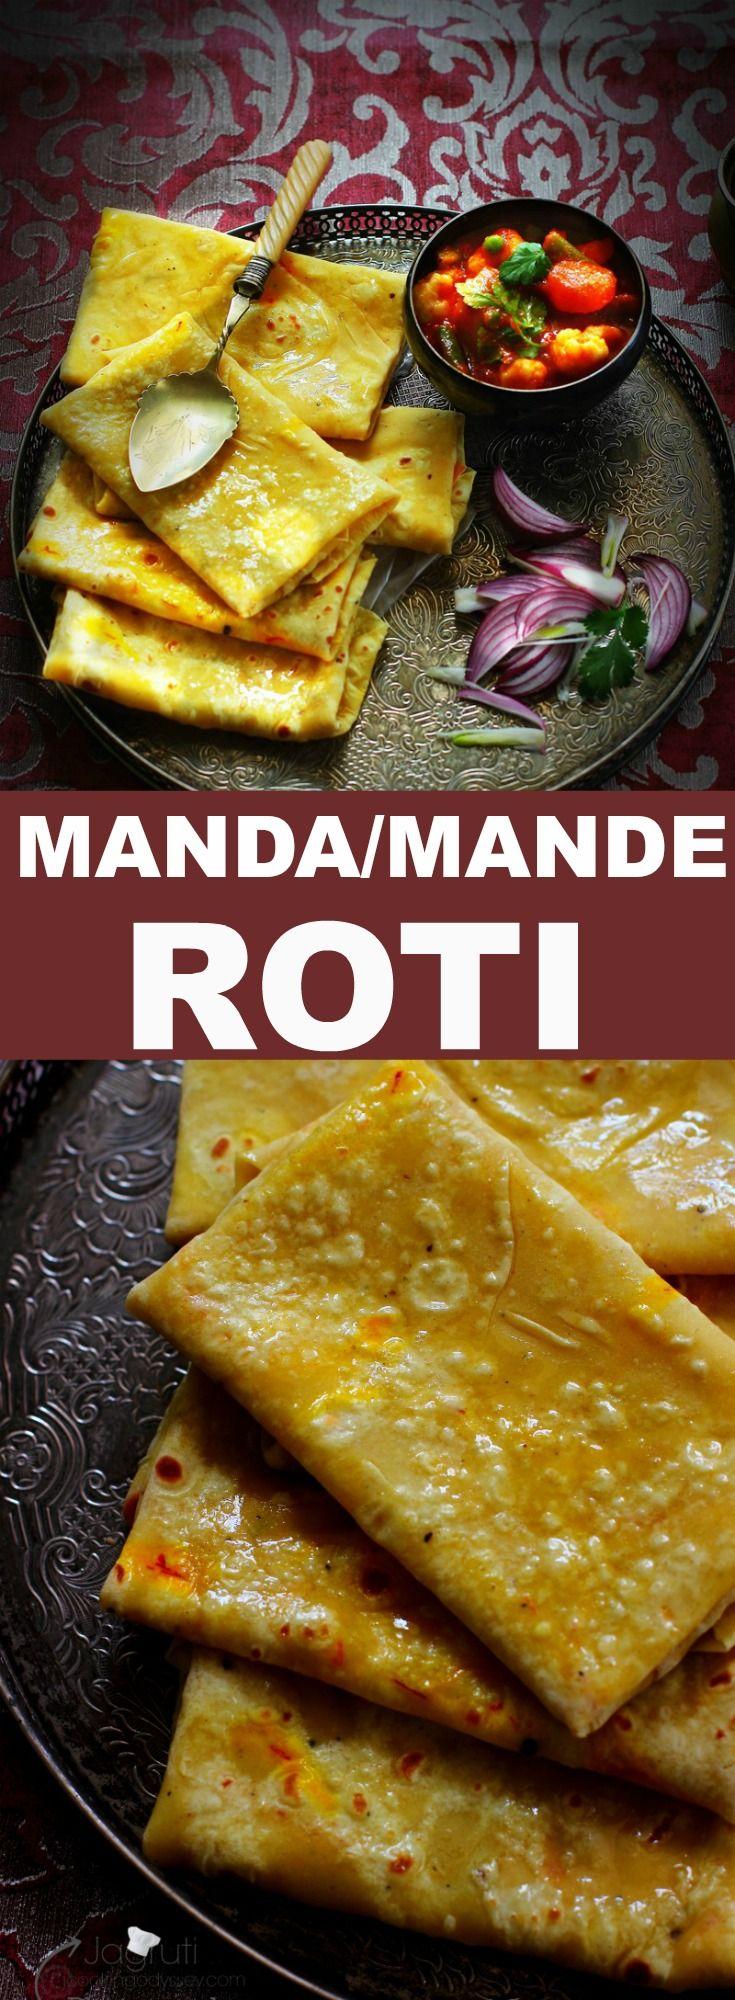 How to make manda Roti.